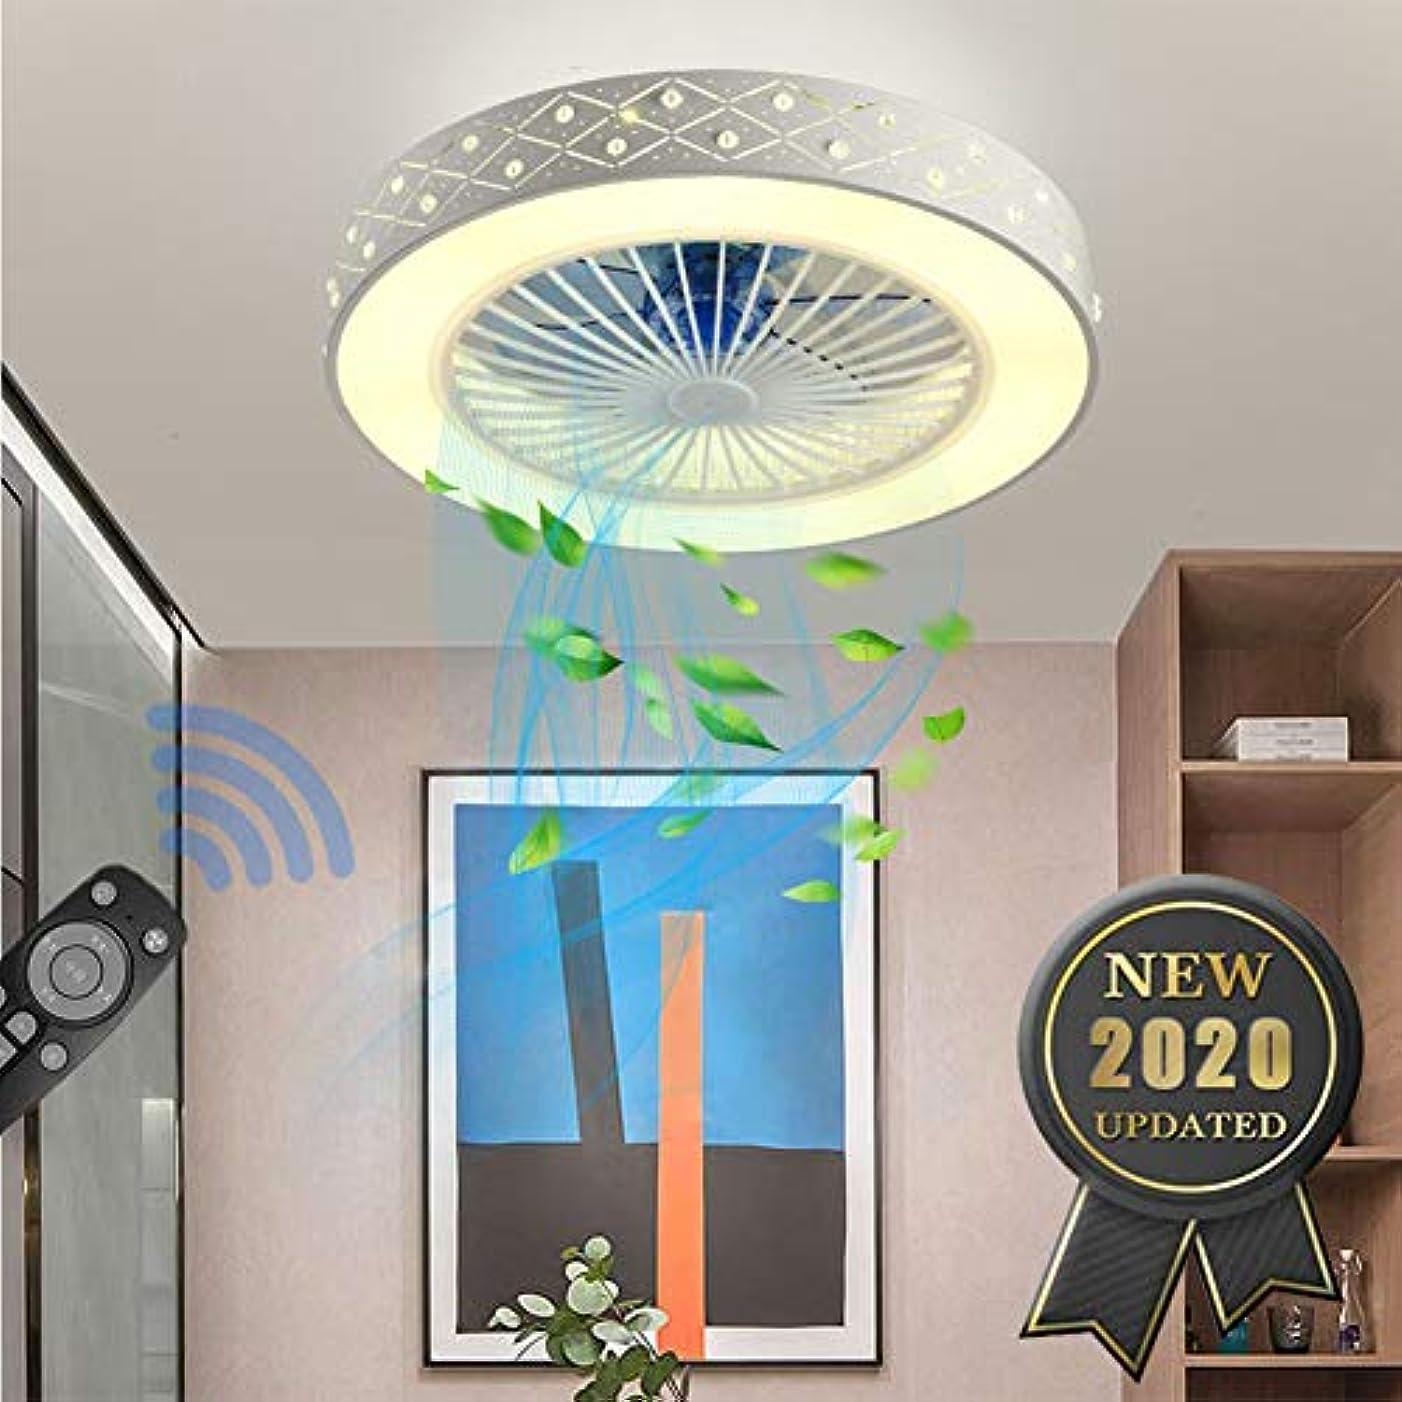 ミルクベーシック丘LEDファンシーリングファン、リモートコントロールモダンブレードノイズレスリバーシブルモーター、照明およびリモートコントロール静かなファンクリエイティブ見えないシーリングファン照明